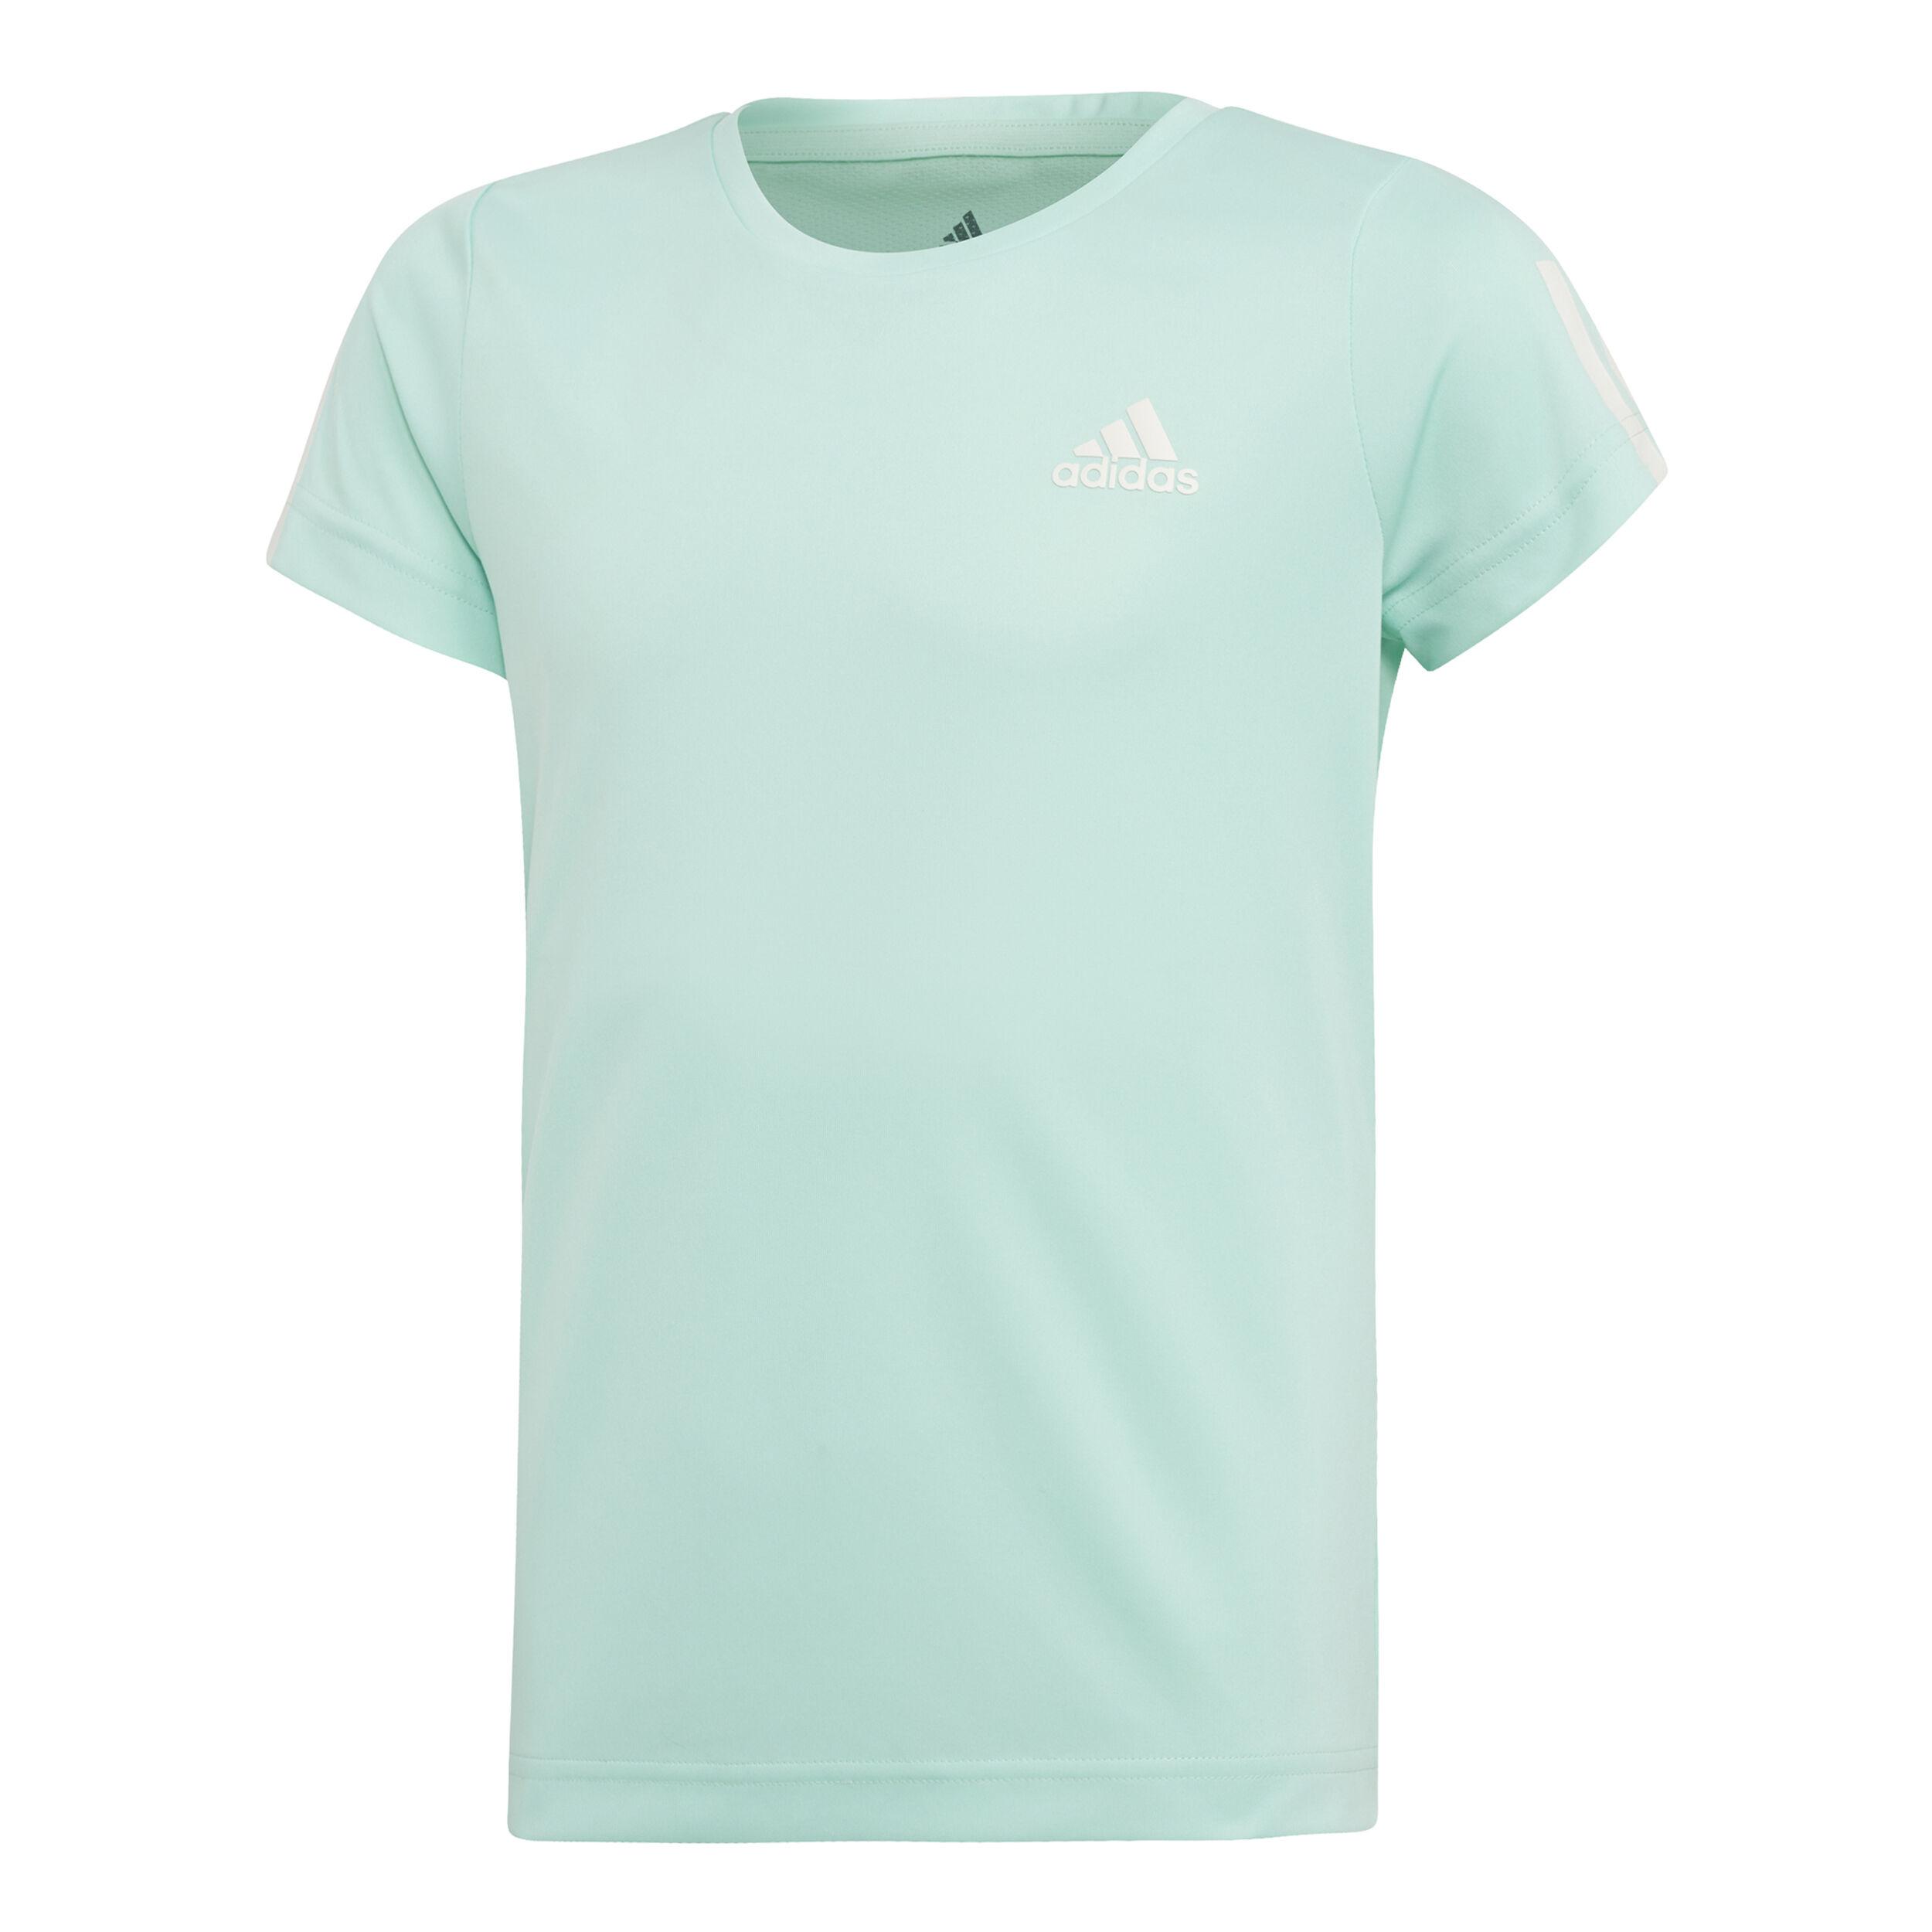 adidas Equip T Shirt Mädchen Mint, Weiß online kaufen